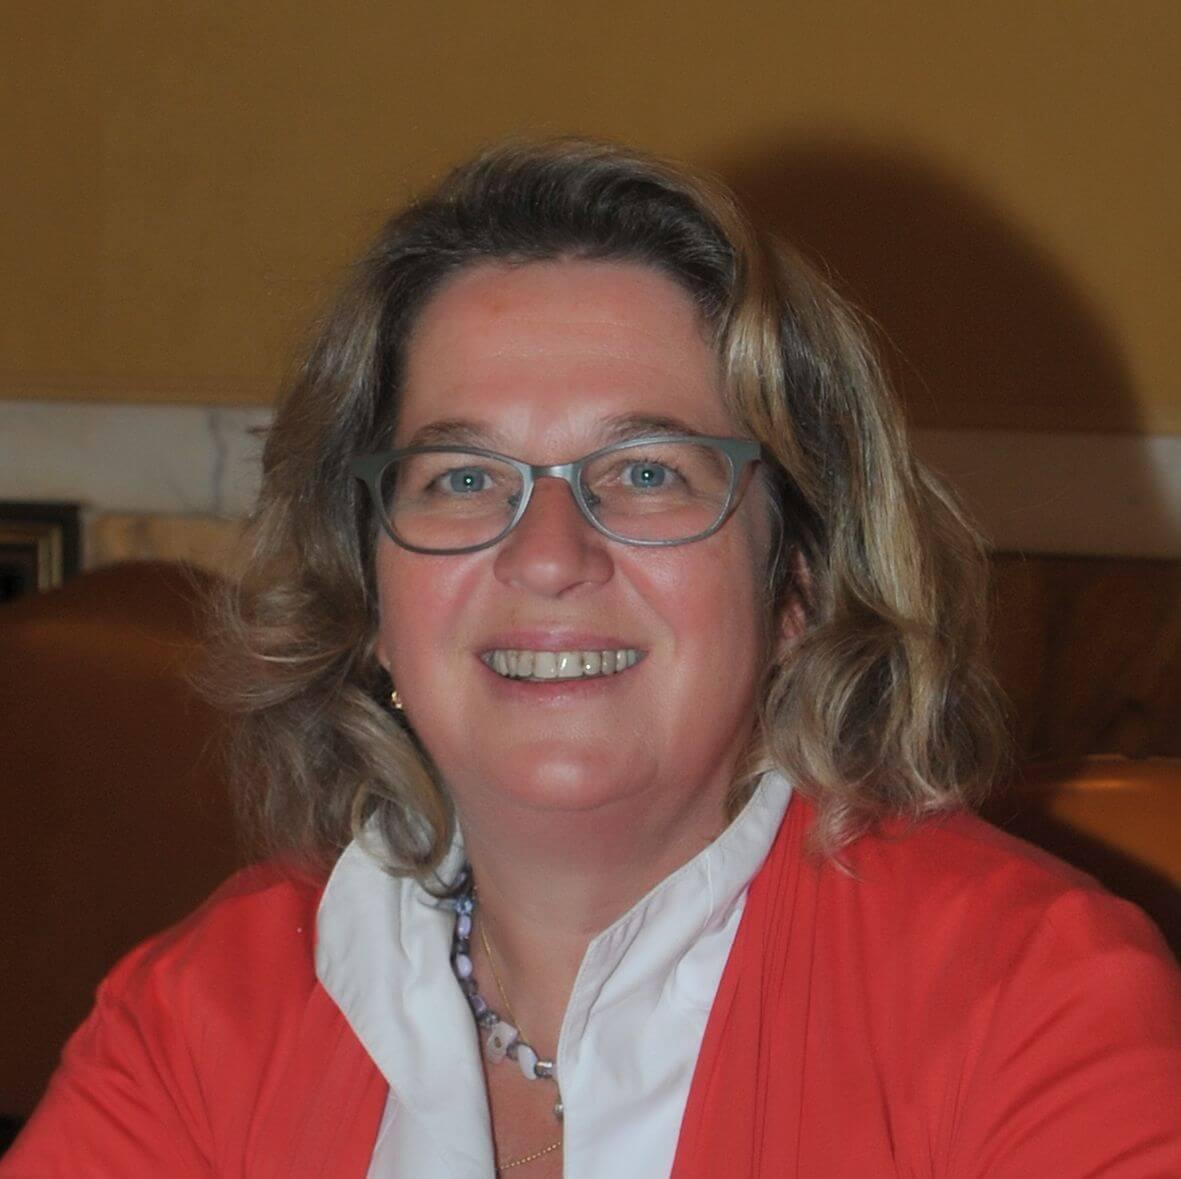 Maria Luisa Biorci